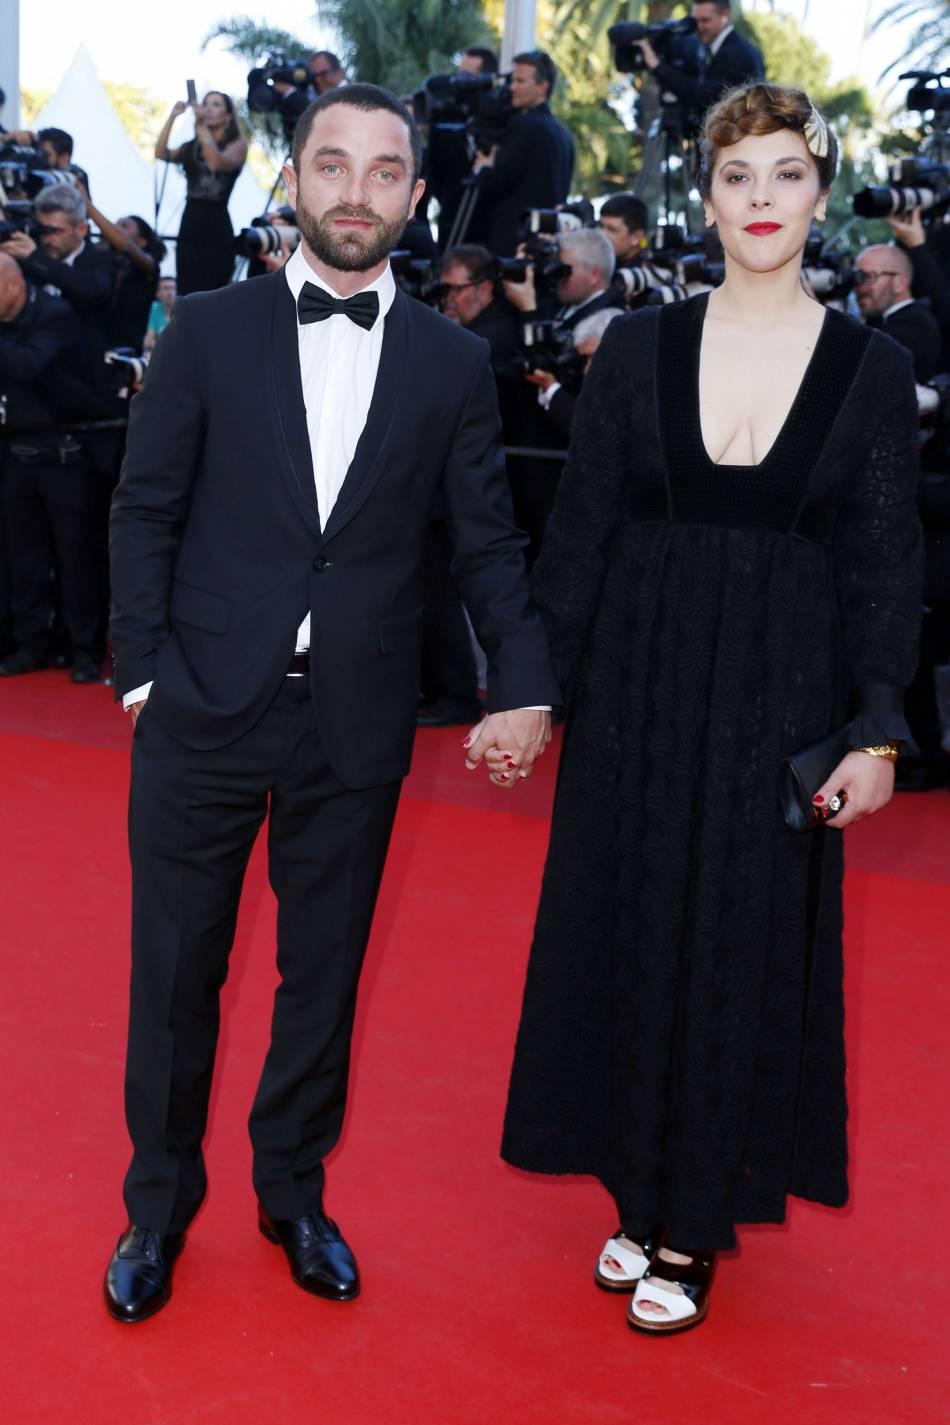 Vanessa Paradis et Guillaume Gouix ont monté les marches en amoureux.